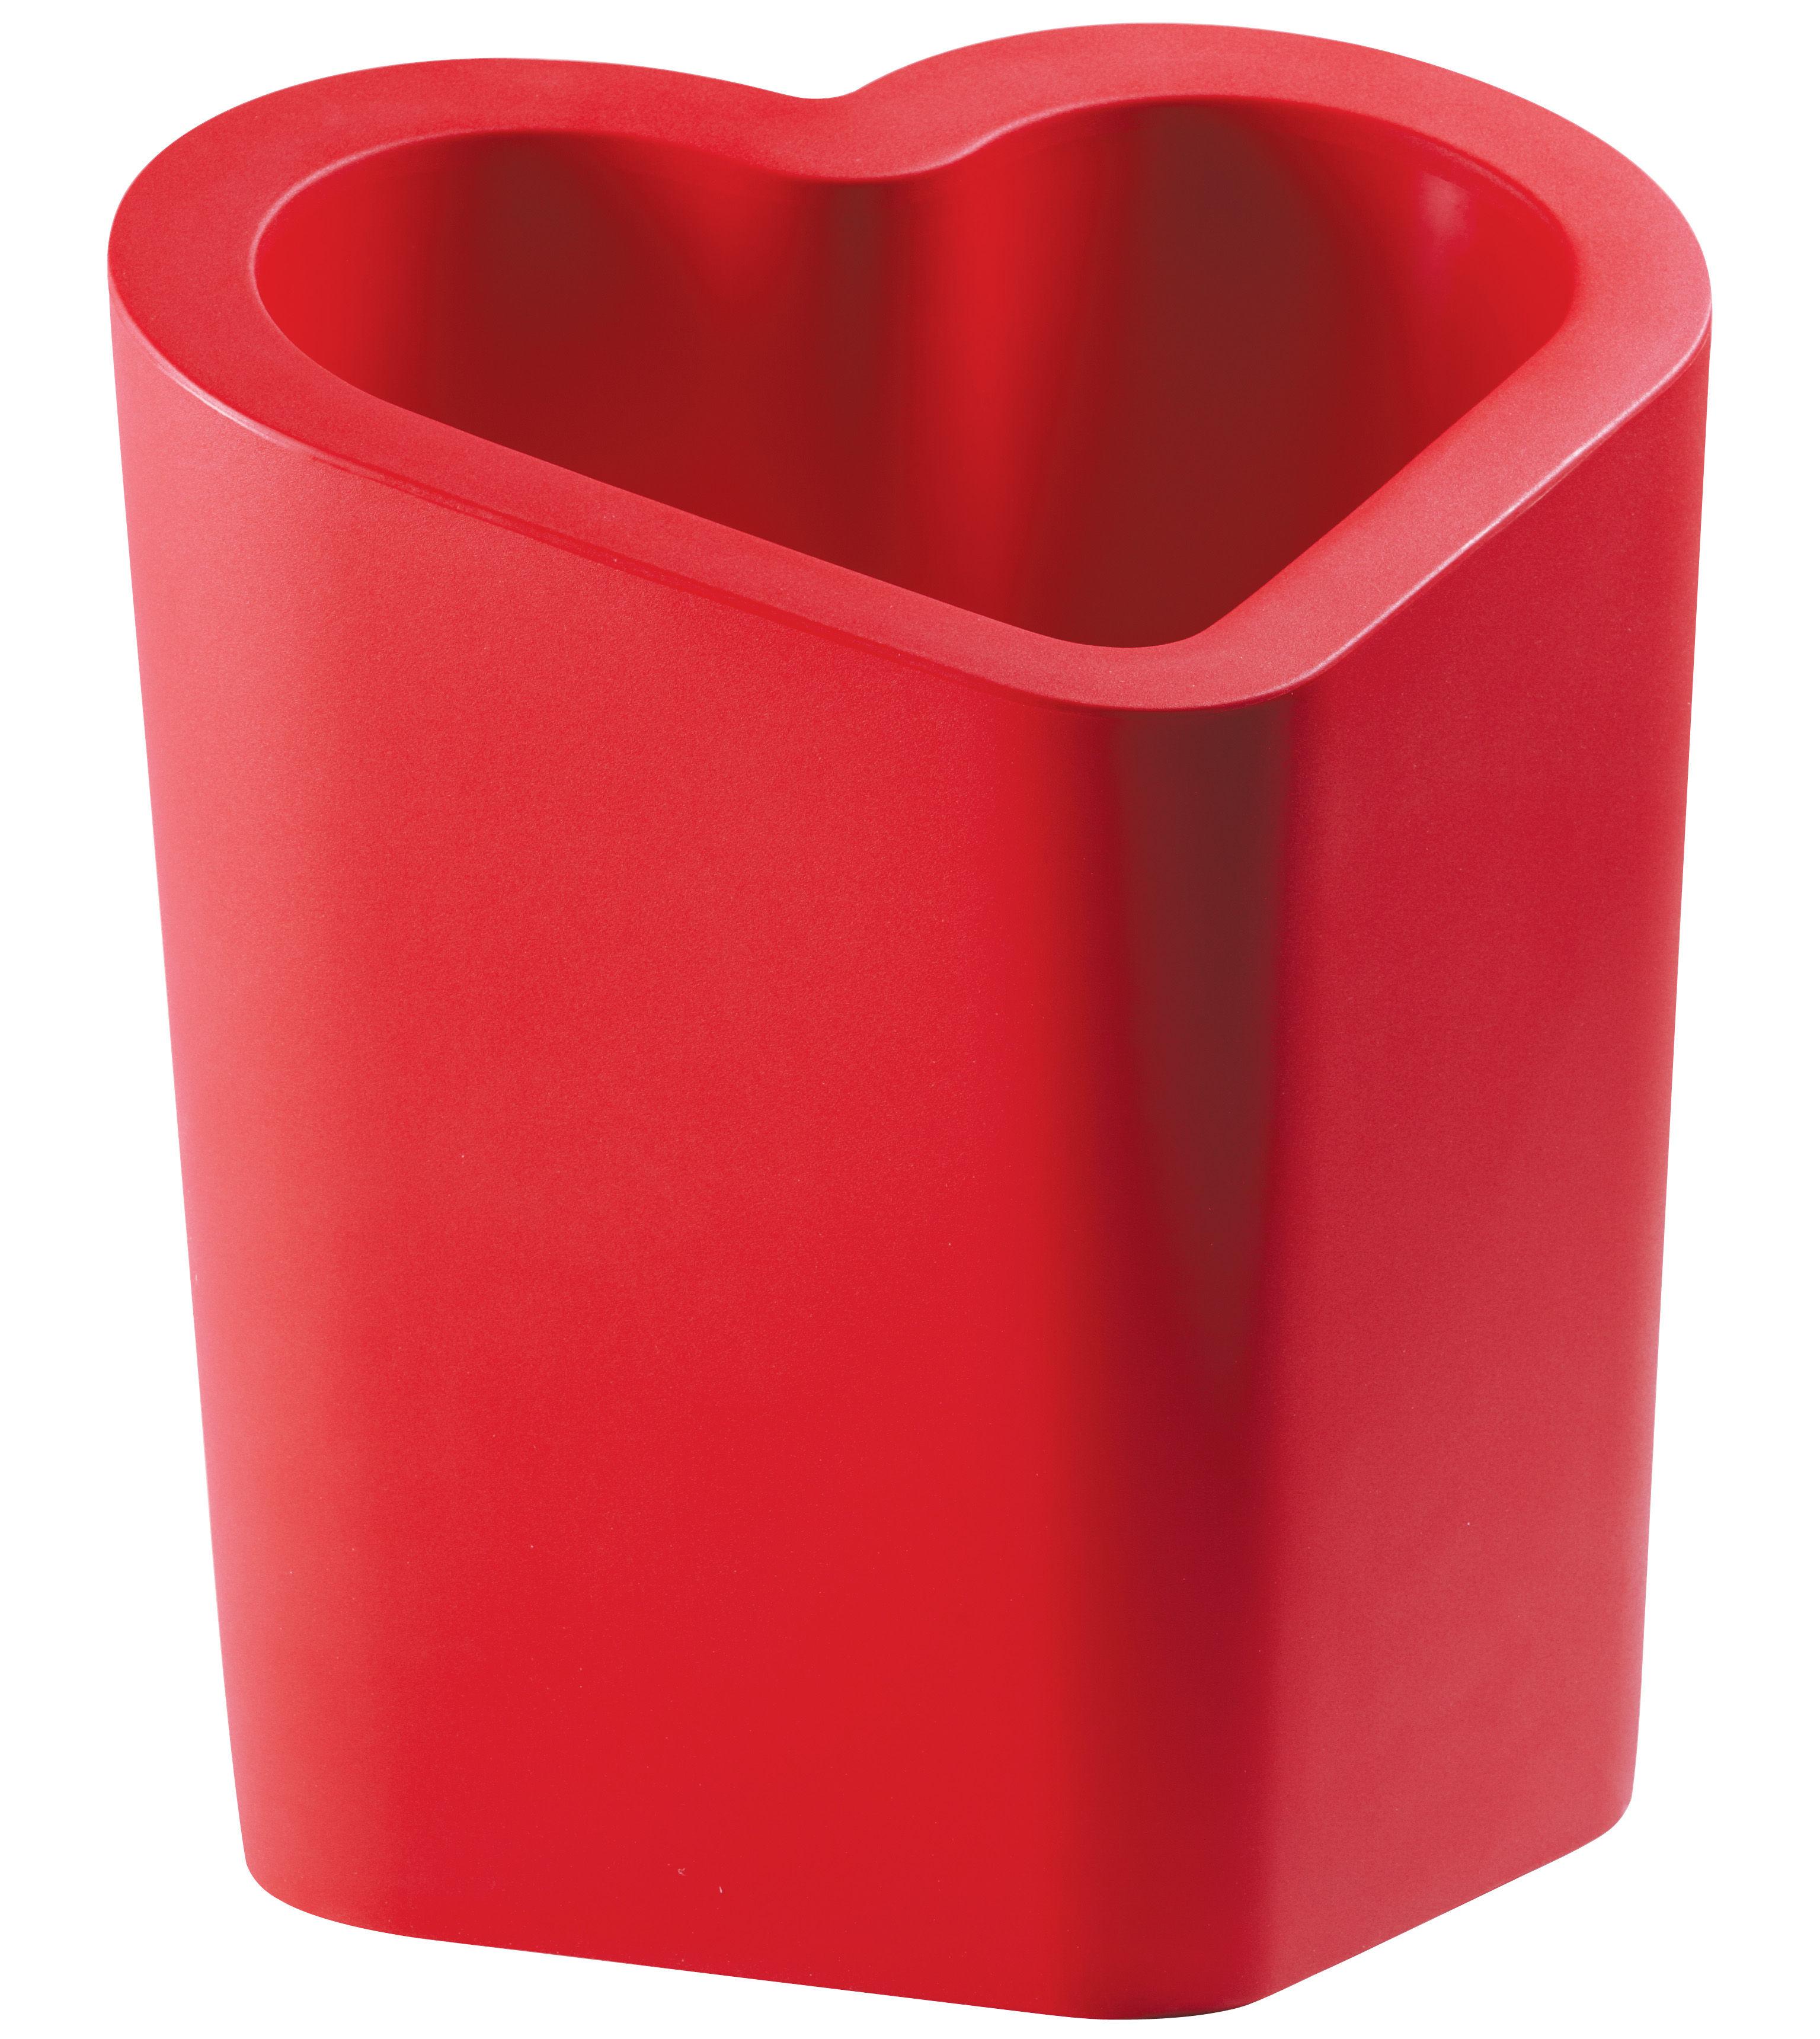 Outdoor - Pots et plantes - Pot de fleurs Mon Amour - Slide - Rouge - Polyéthylène